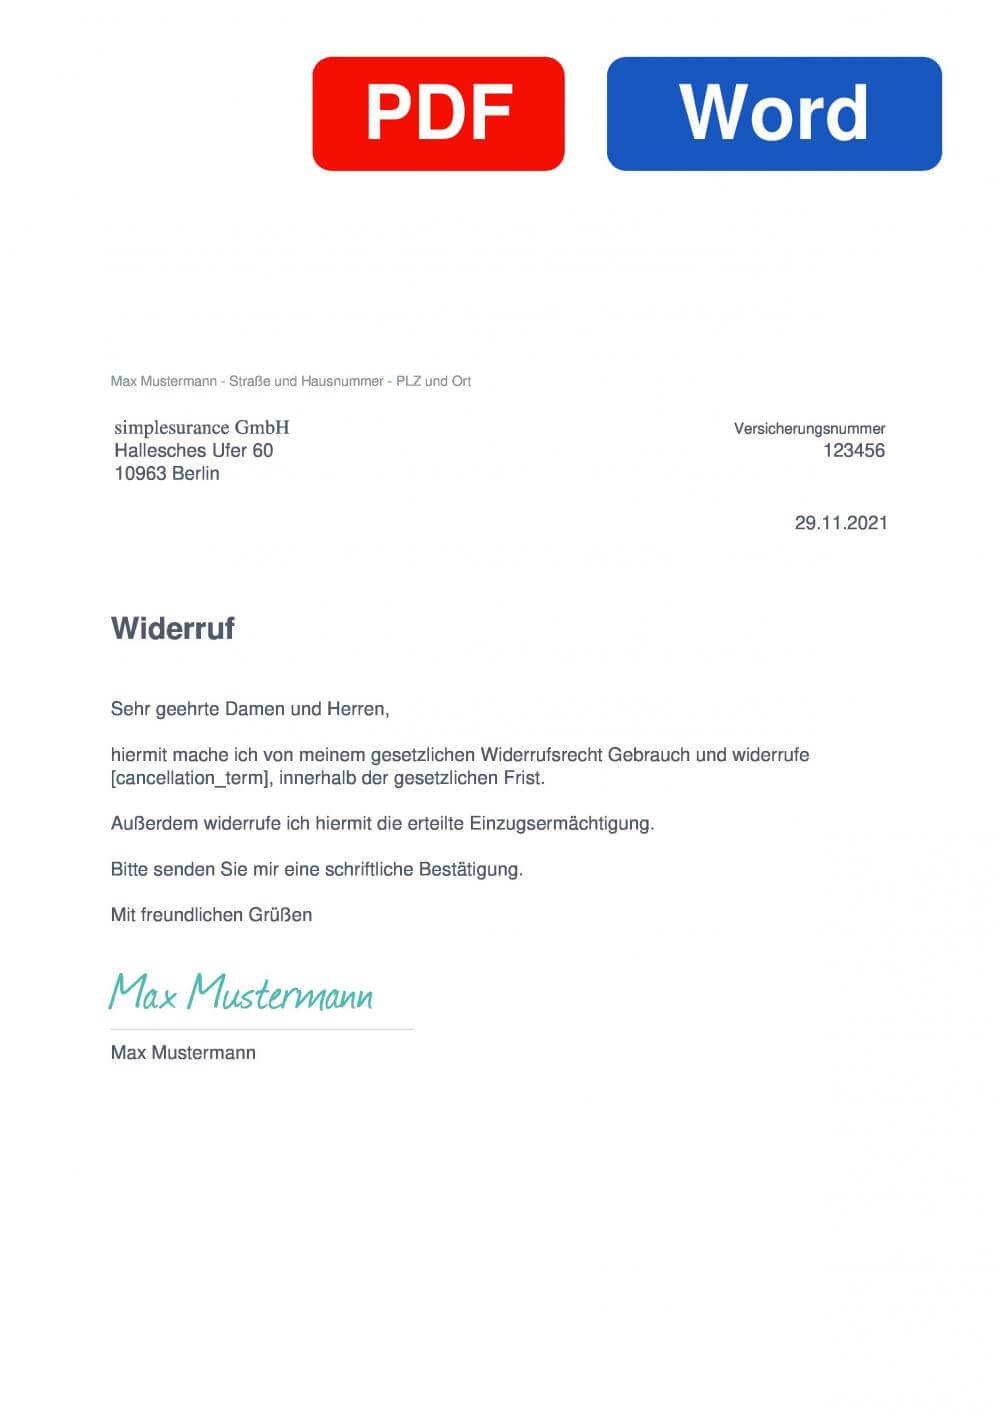 Schutzklick Muster Vorlage für Wiederrufsschreiben